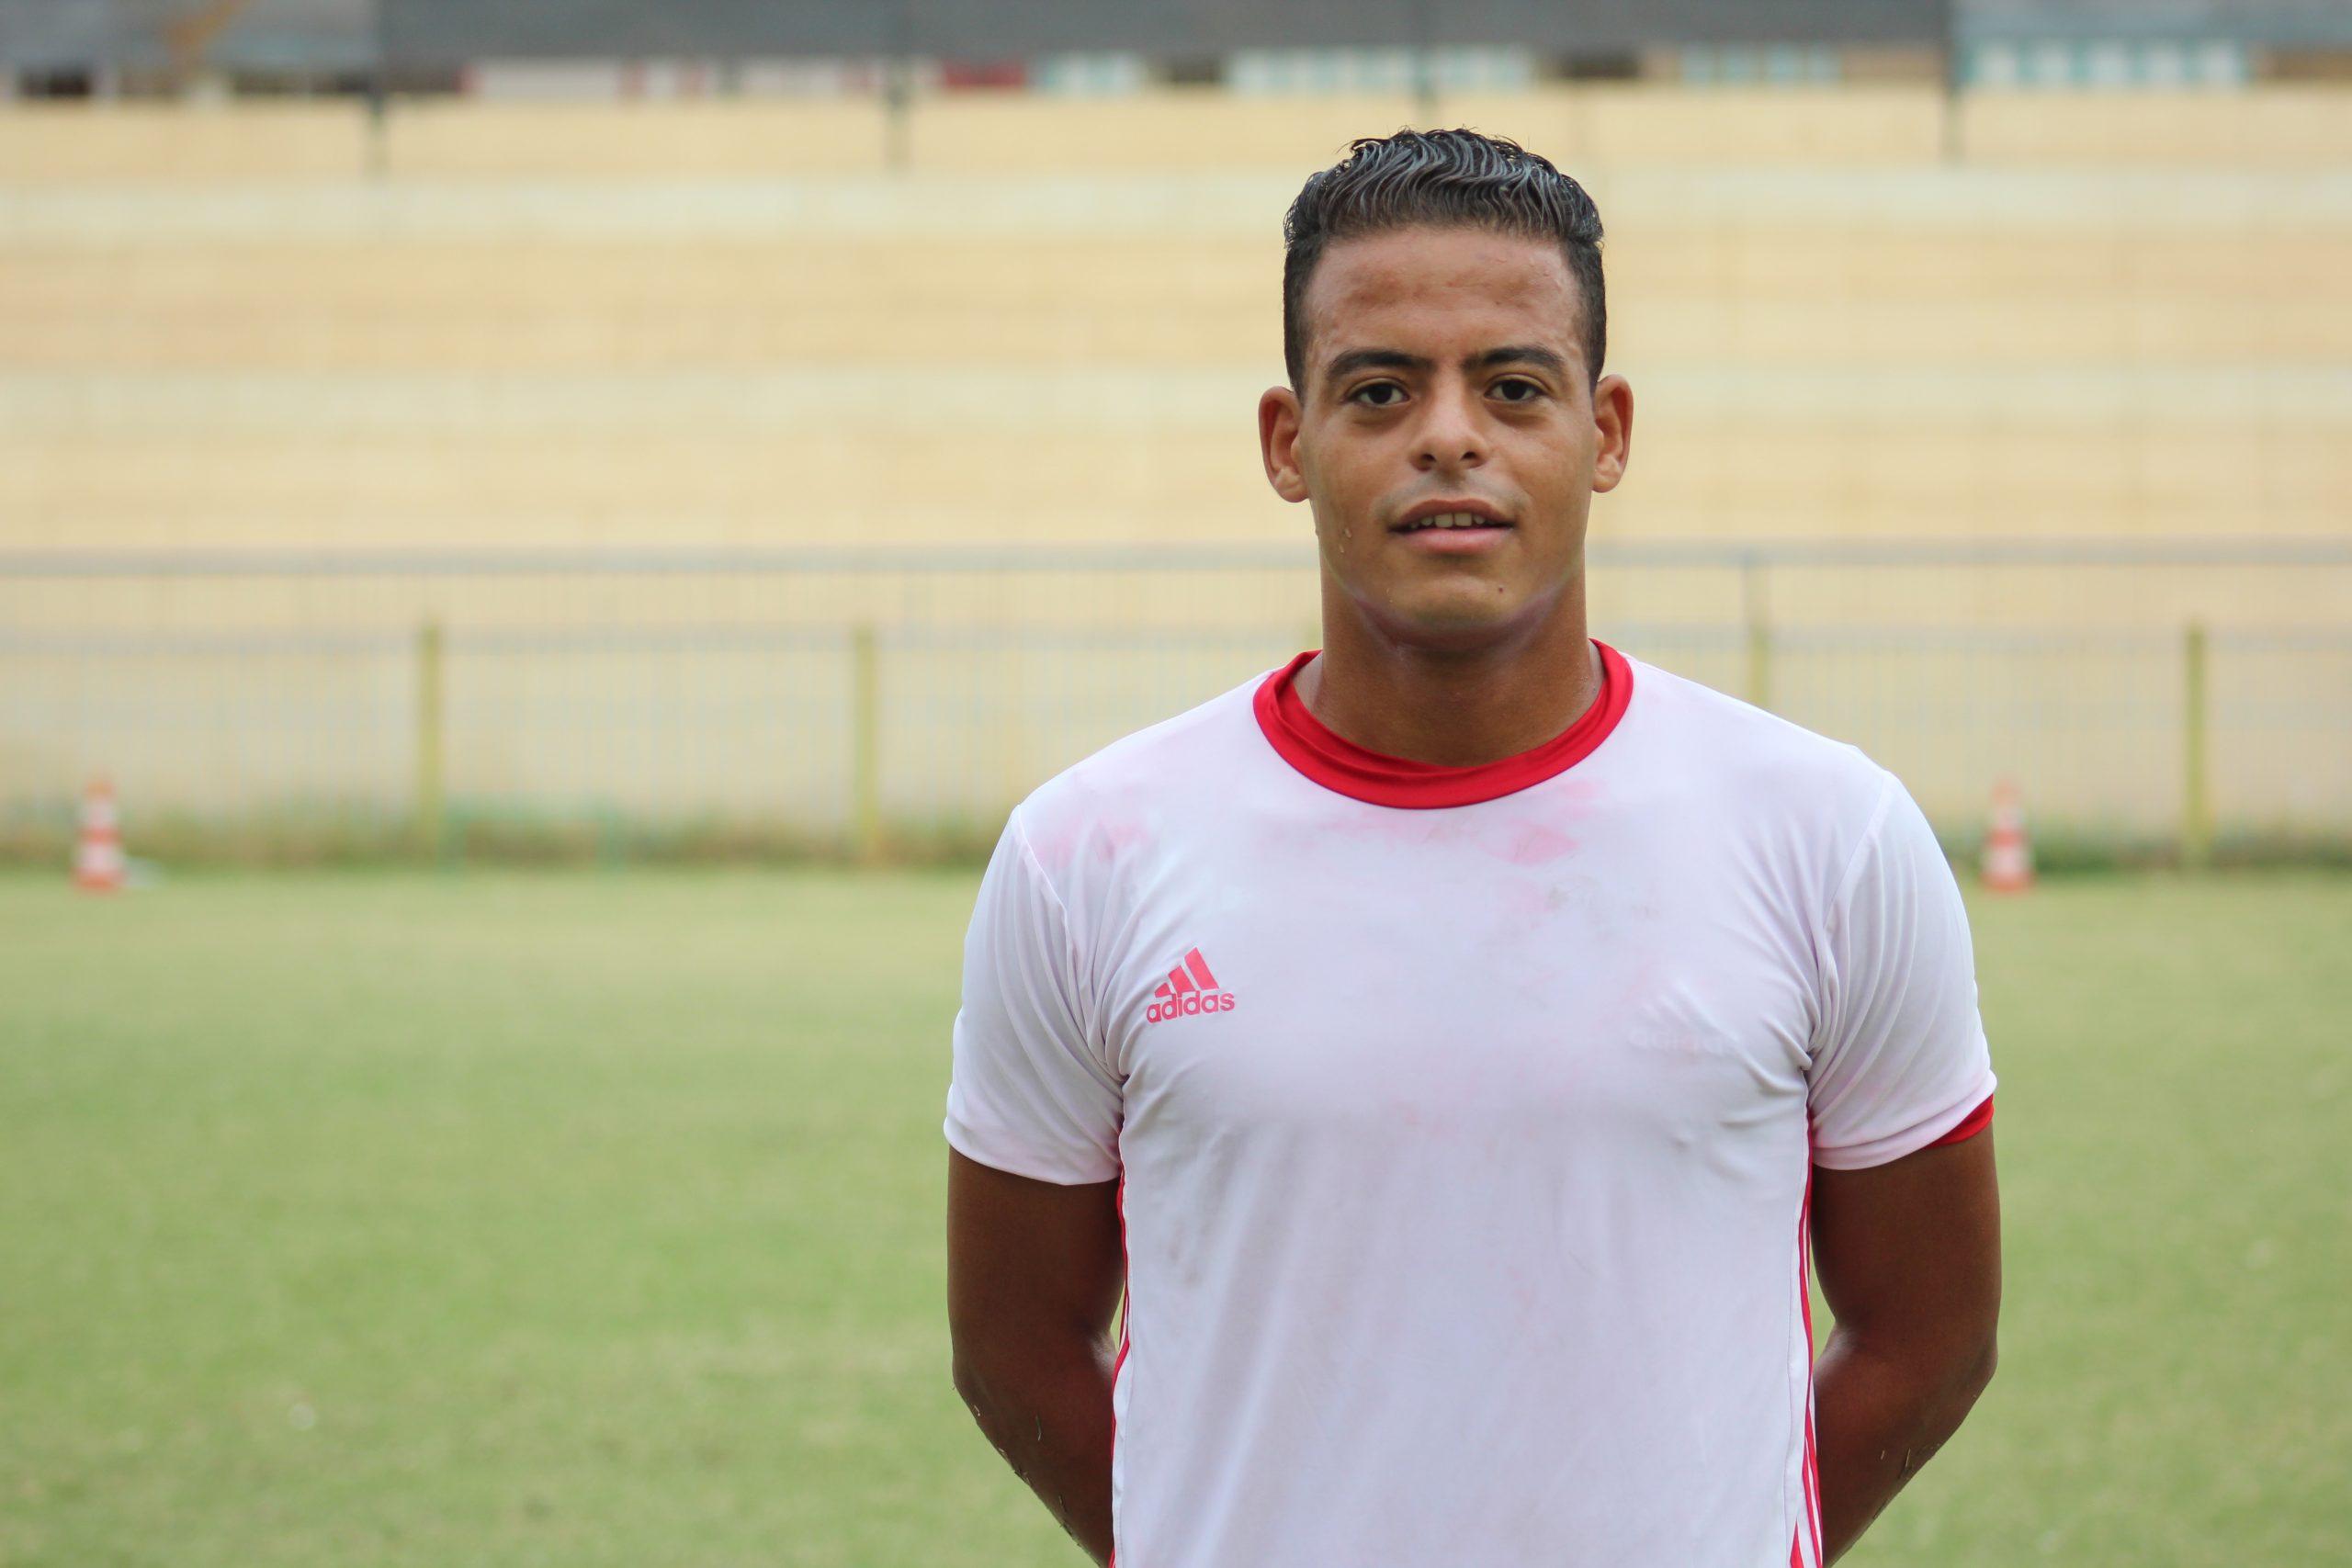 فهد محمد، لاعب المدينة المنورة، تصوير نورهان ذكي